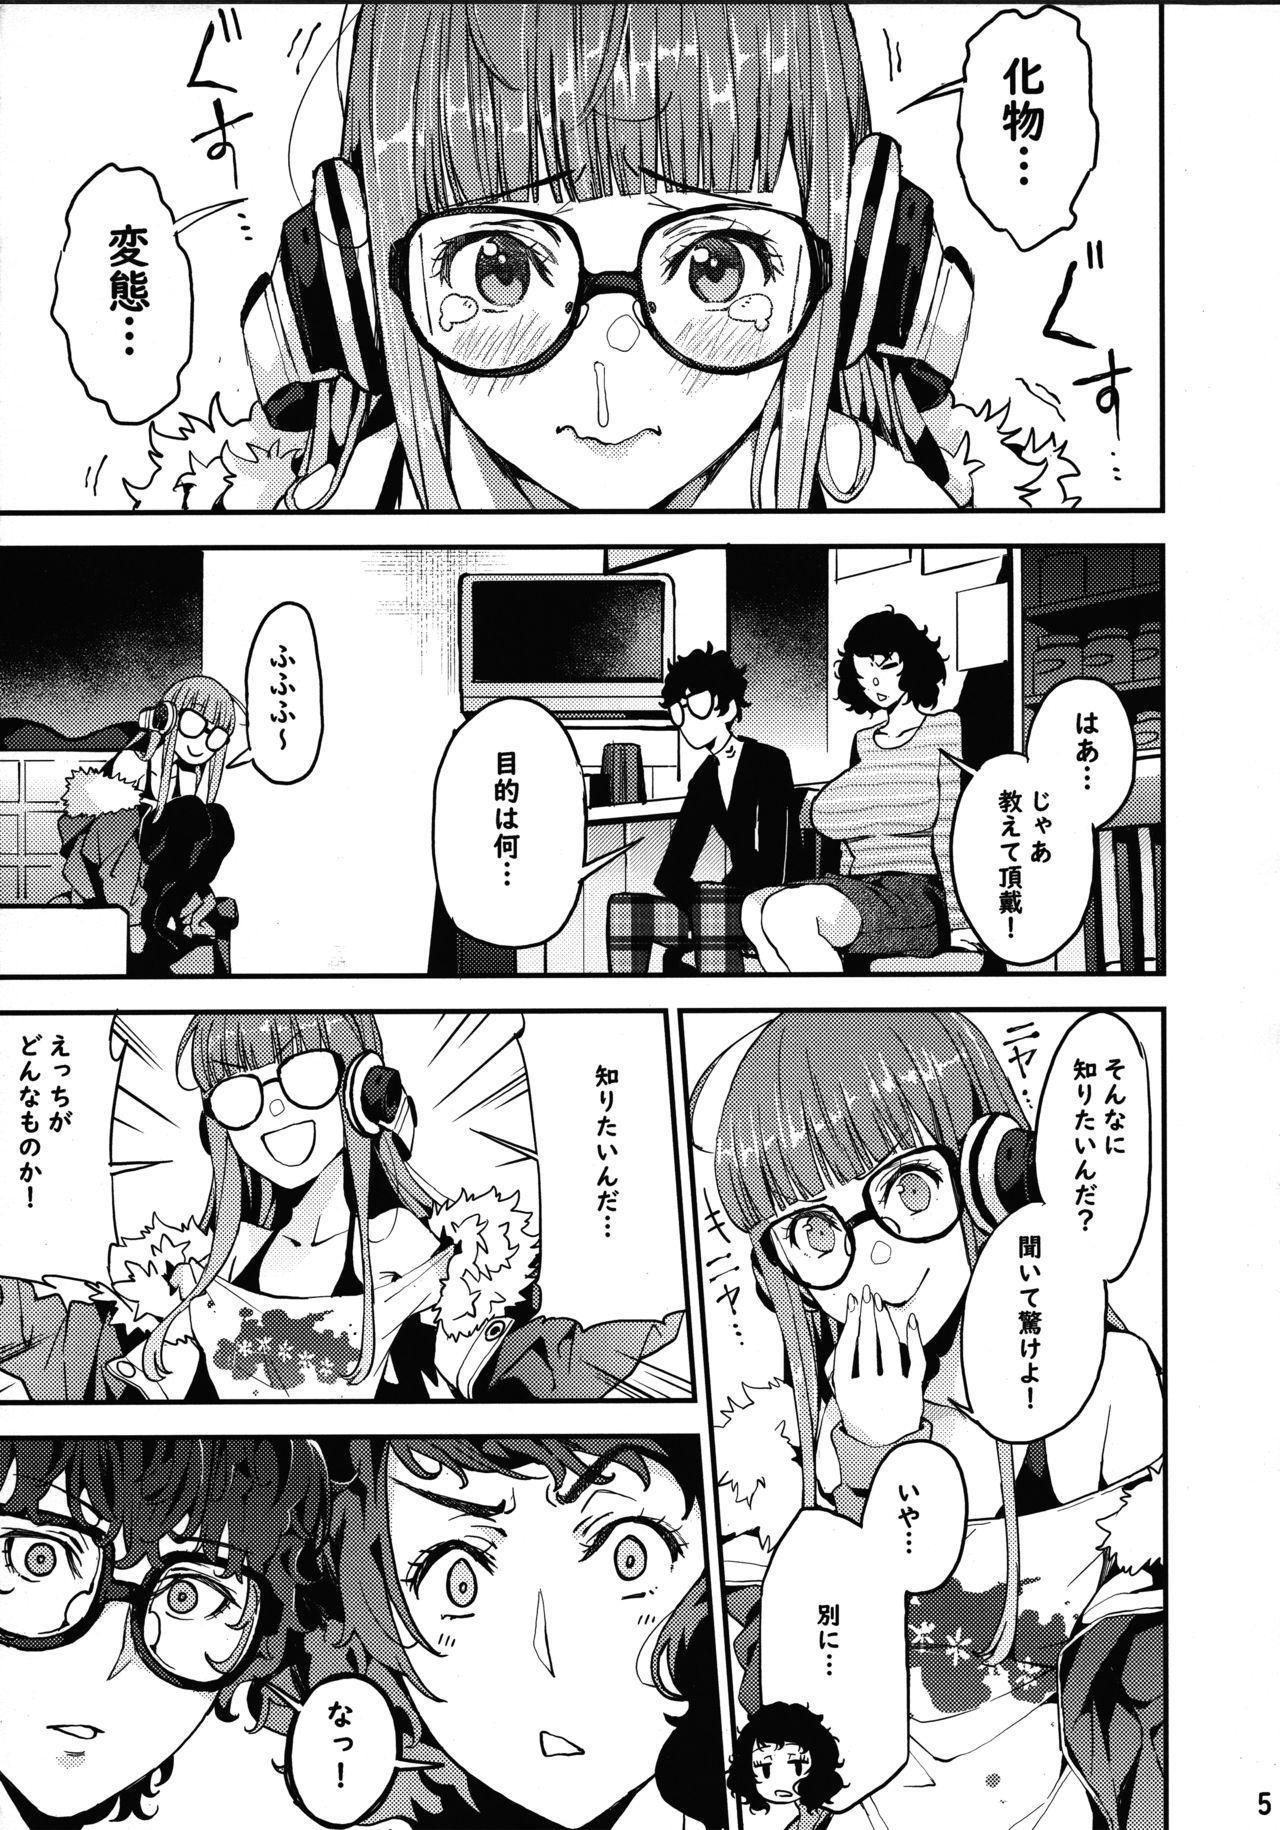 Kawakami Sensei to Futaba no Himitsu Kojin Jugyou 5